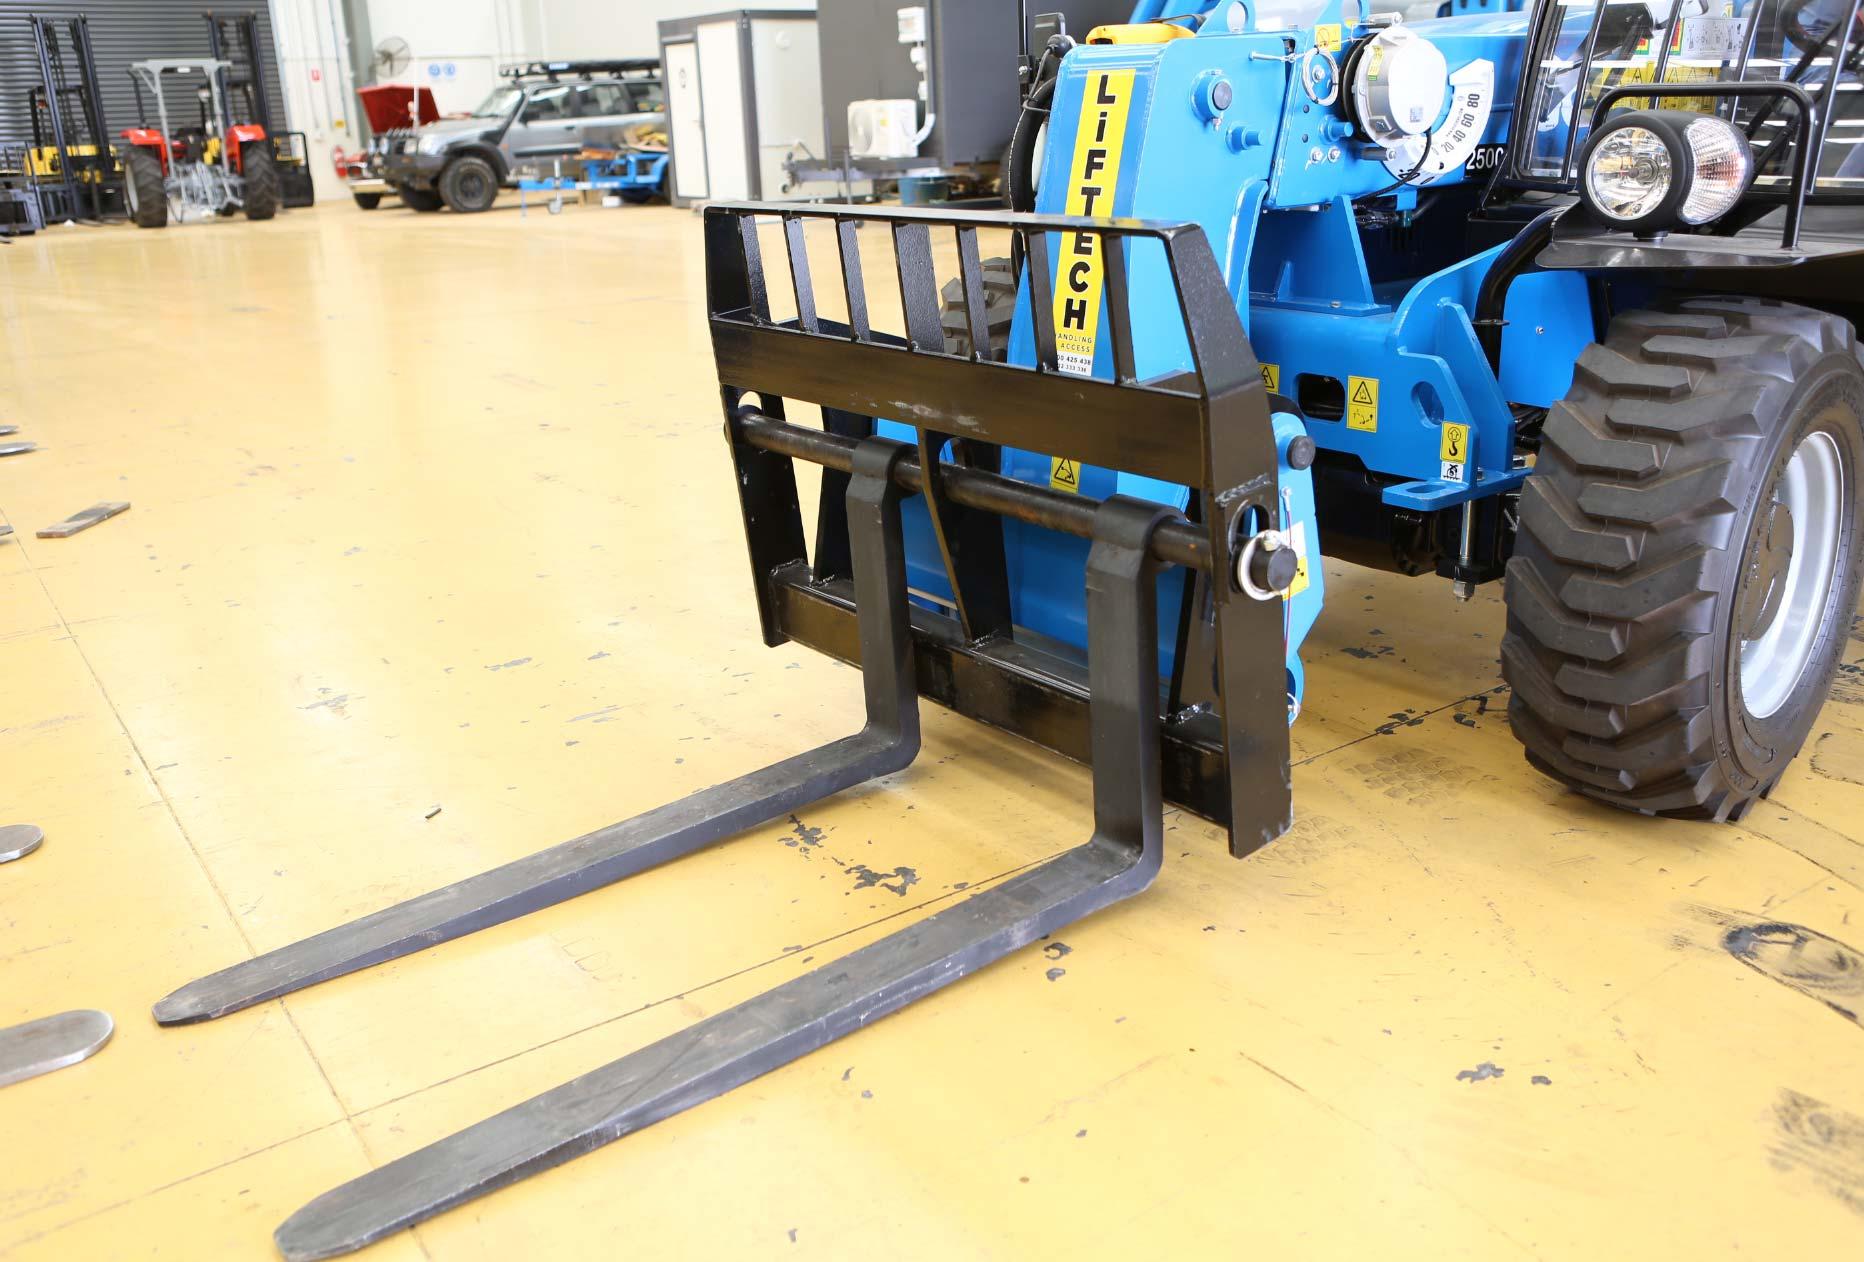 2.5 Tonne Telehandler Diesel Forklift